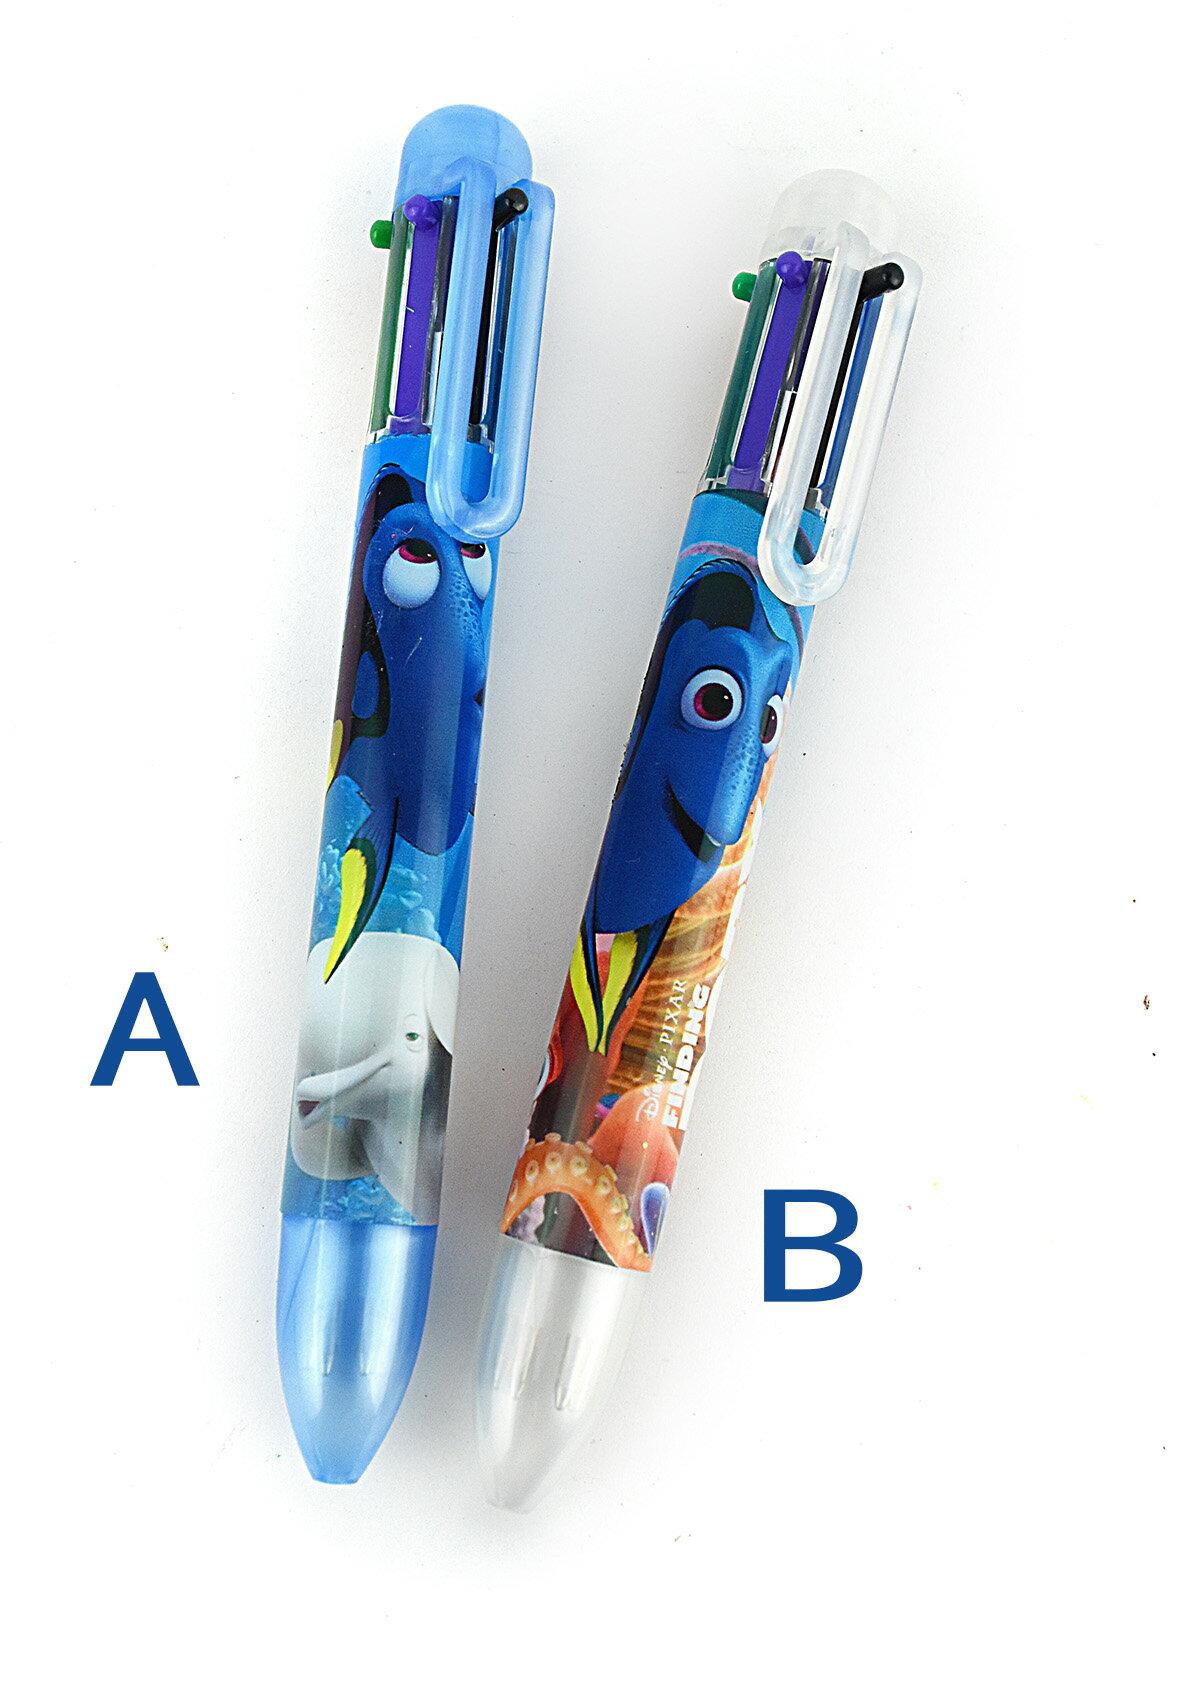 X射線【C449844】海底總動員6色自動原子筆-2款,多色筆/多用筆/油性筆/螢光筆/油漆筆